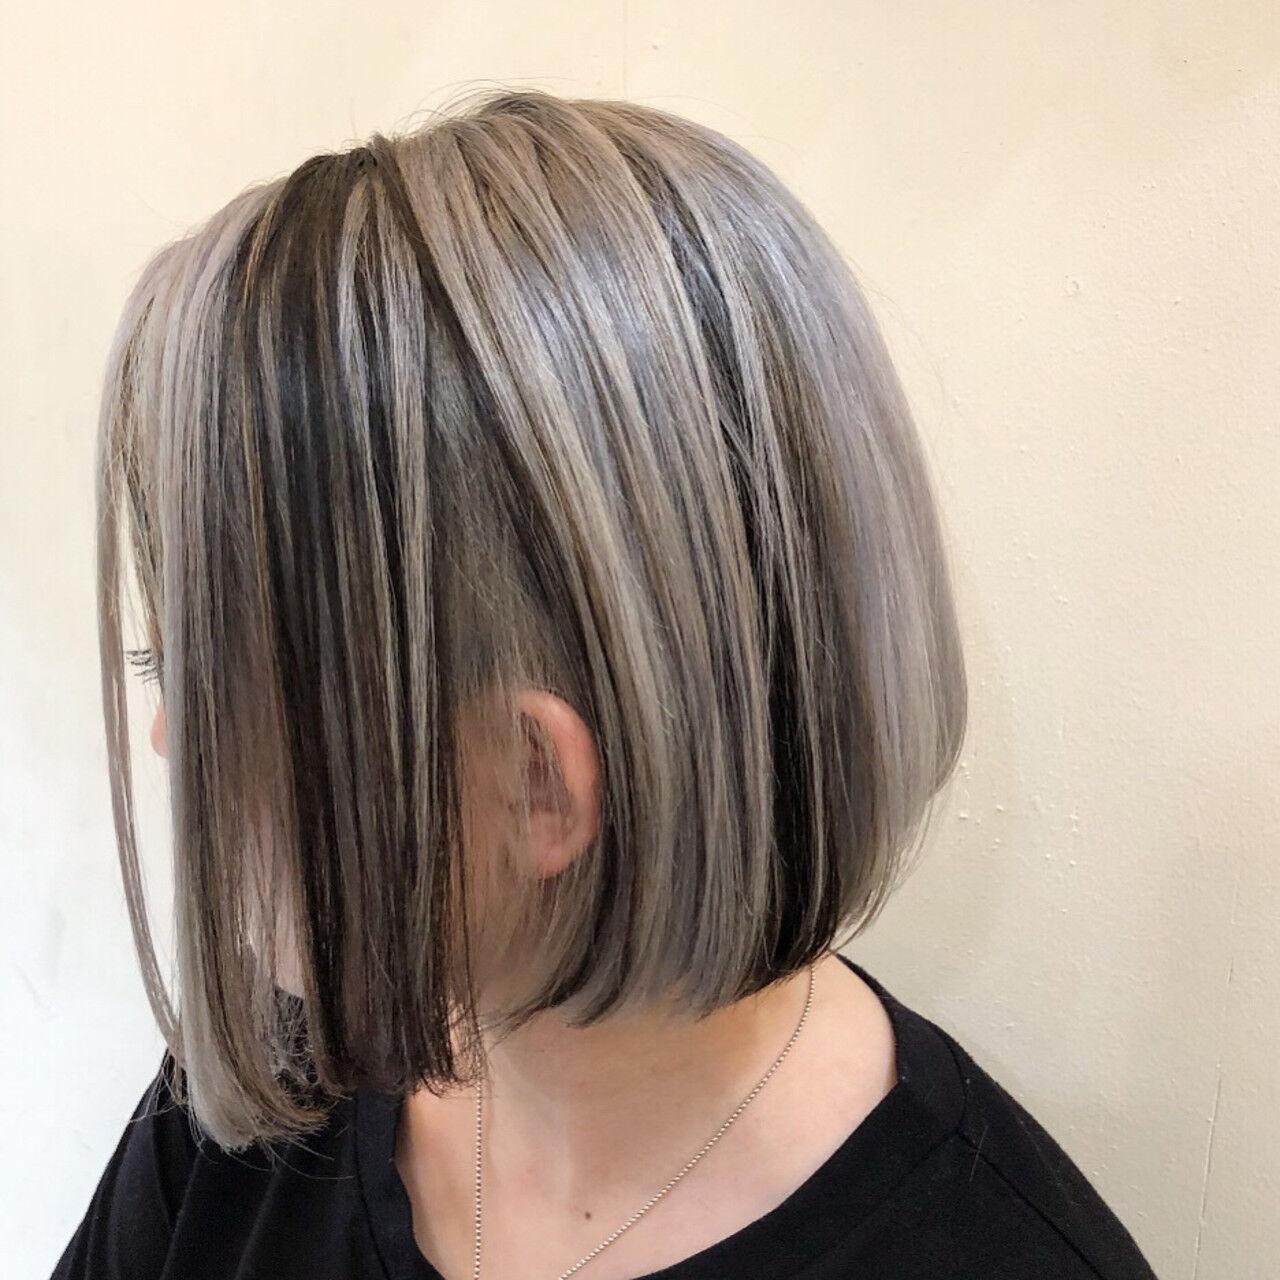 グラデーションカラー ショートボブ ハイライト インナーカラーヘアスタイルや髪型の写真・画像